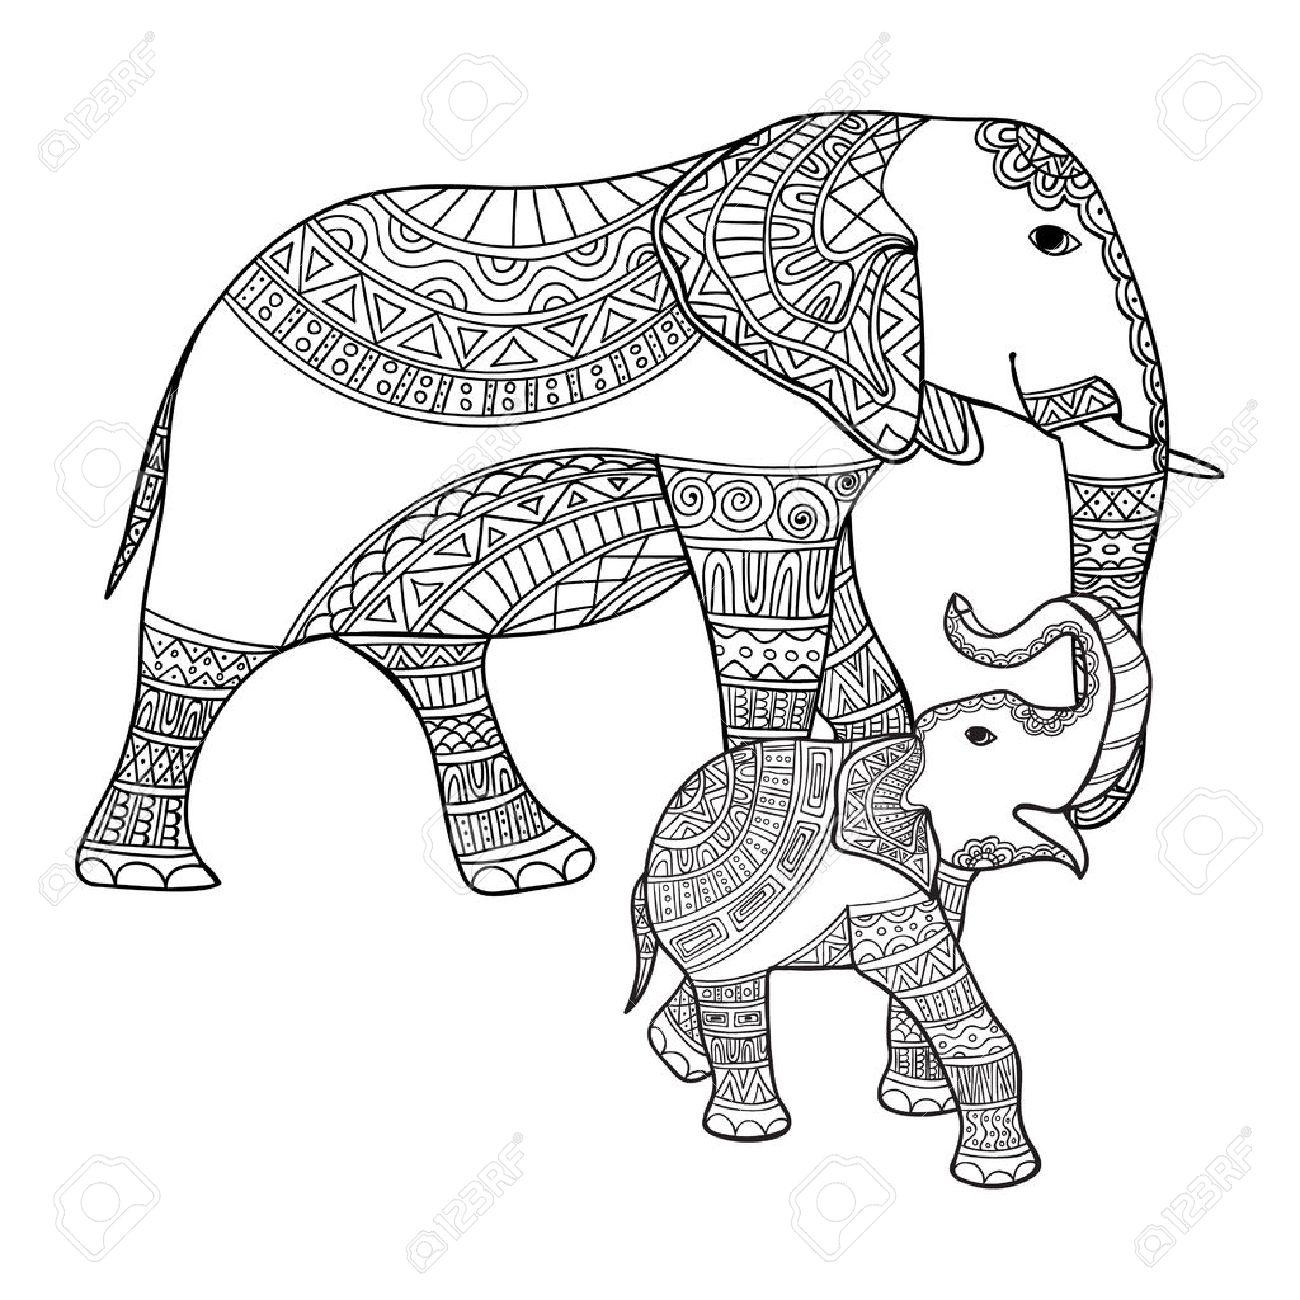 Grand Et Petit Elephant Anti Stress Livre De Coloriage Pour Les Adultes Main Noir Et Blanc Dessine Vecteur Griffonner Imprimer Avec Des Motifs Ethniques Style Enchevetrement Zen Pour Le Tatouage Conception De Chemise